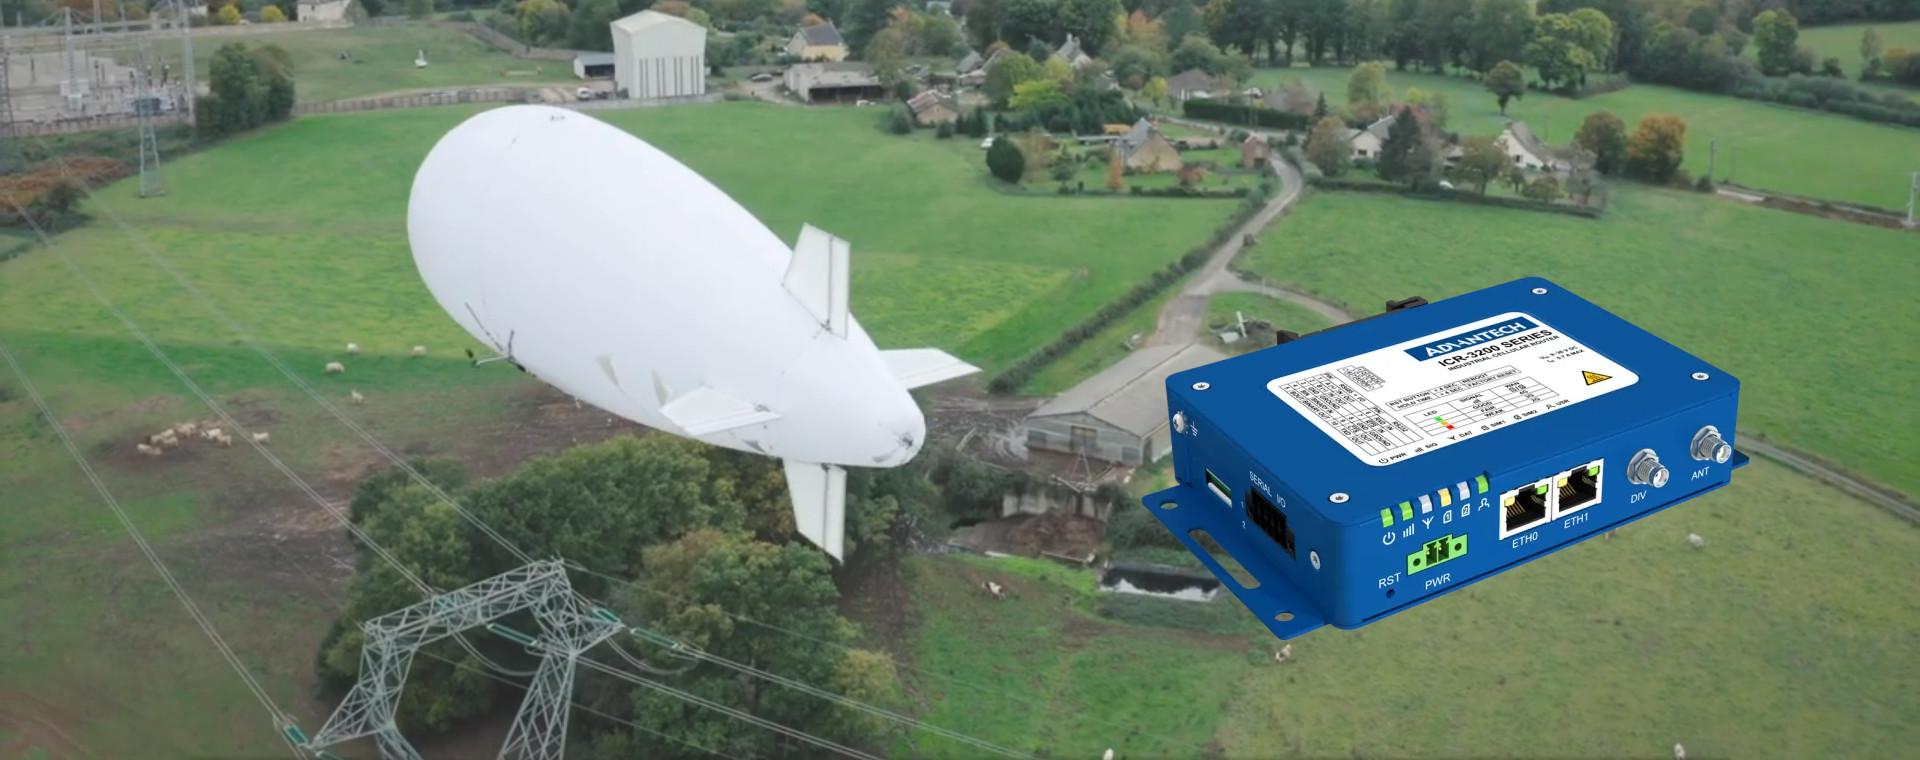 Routeur Advantech installé dans un drone dirigeable